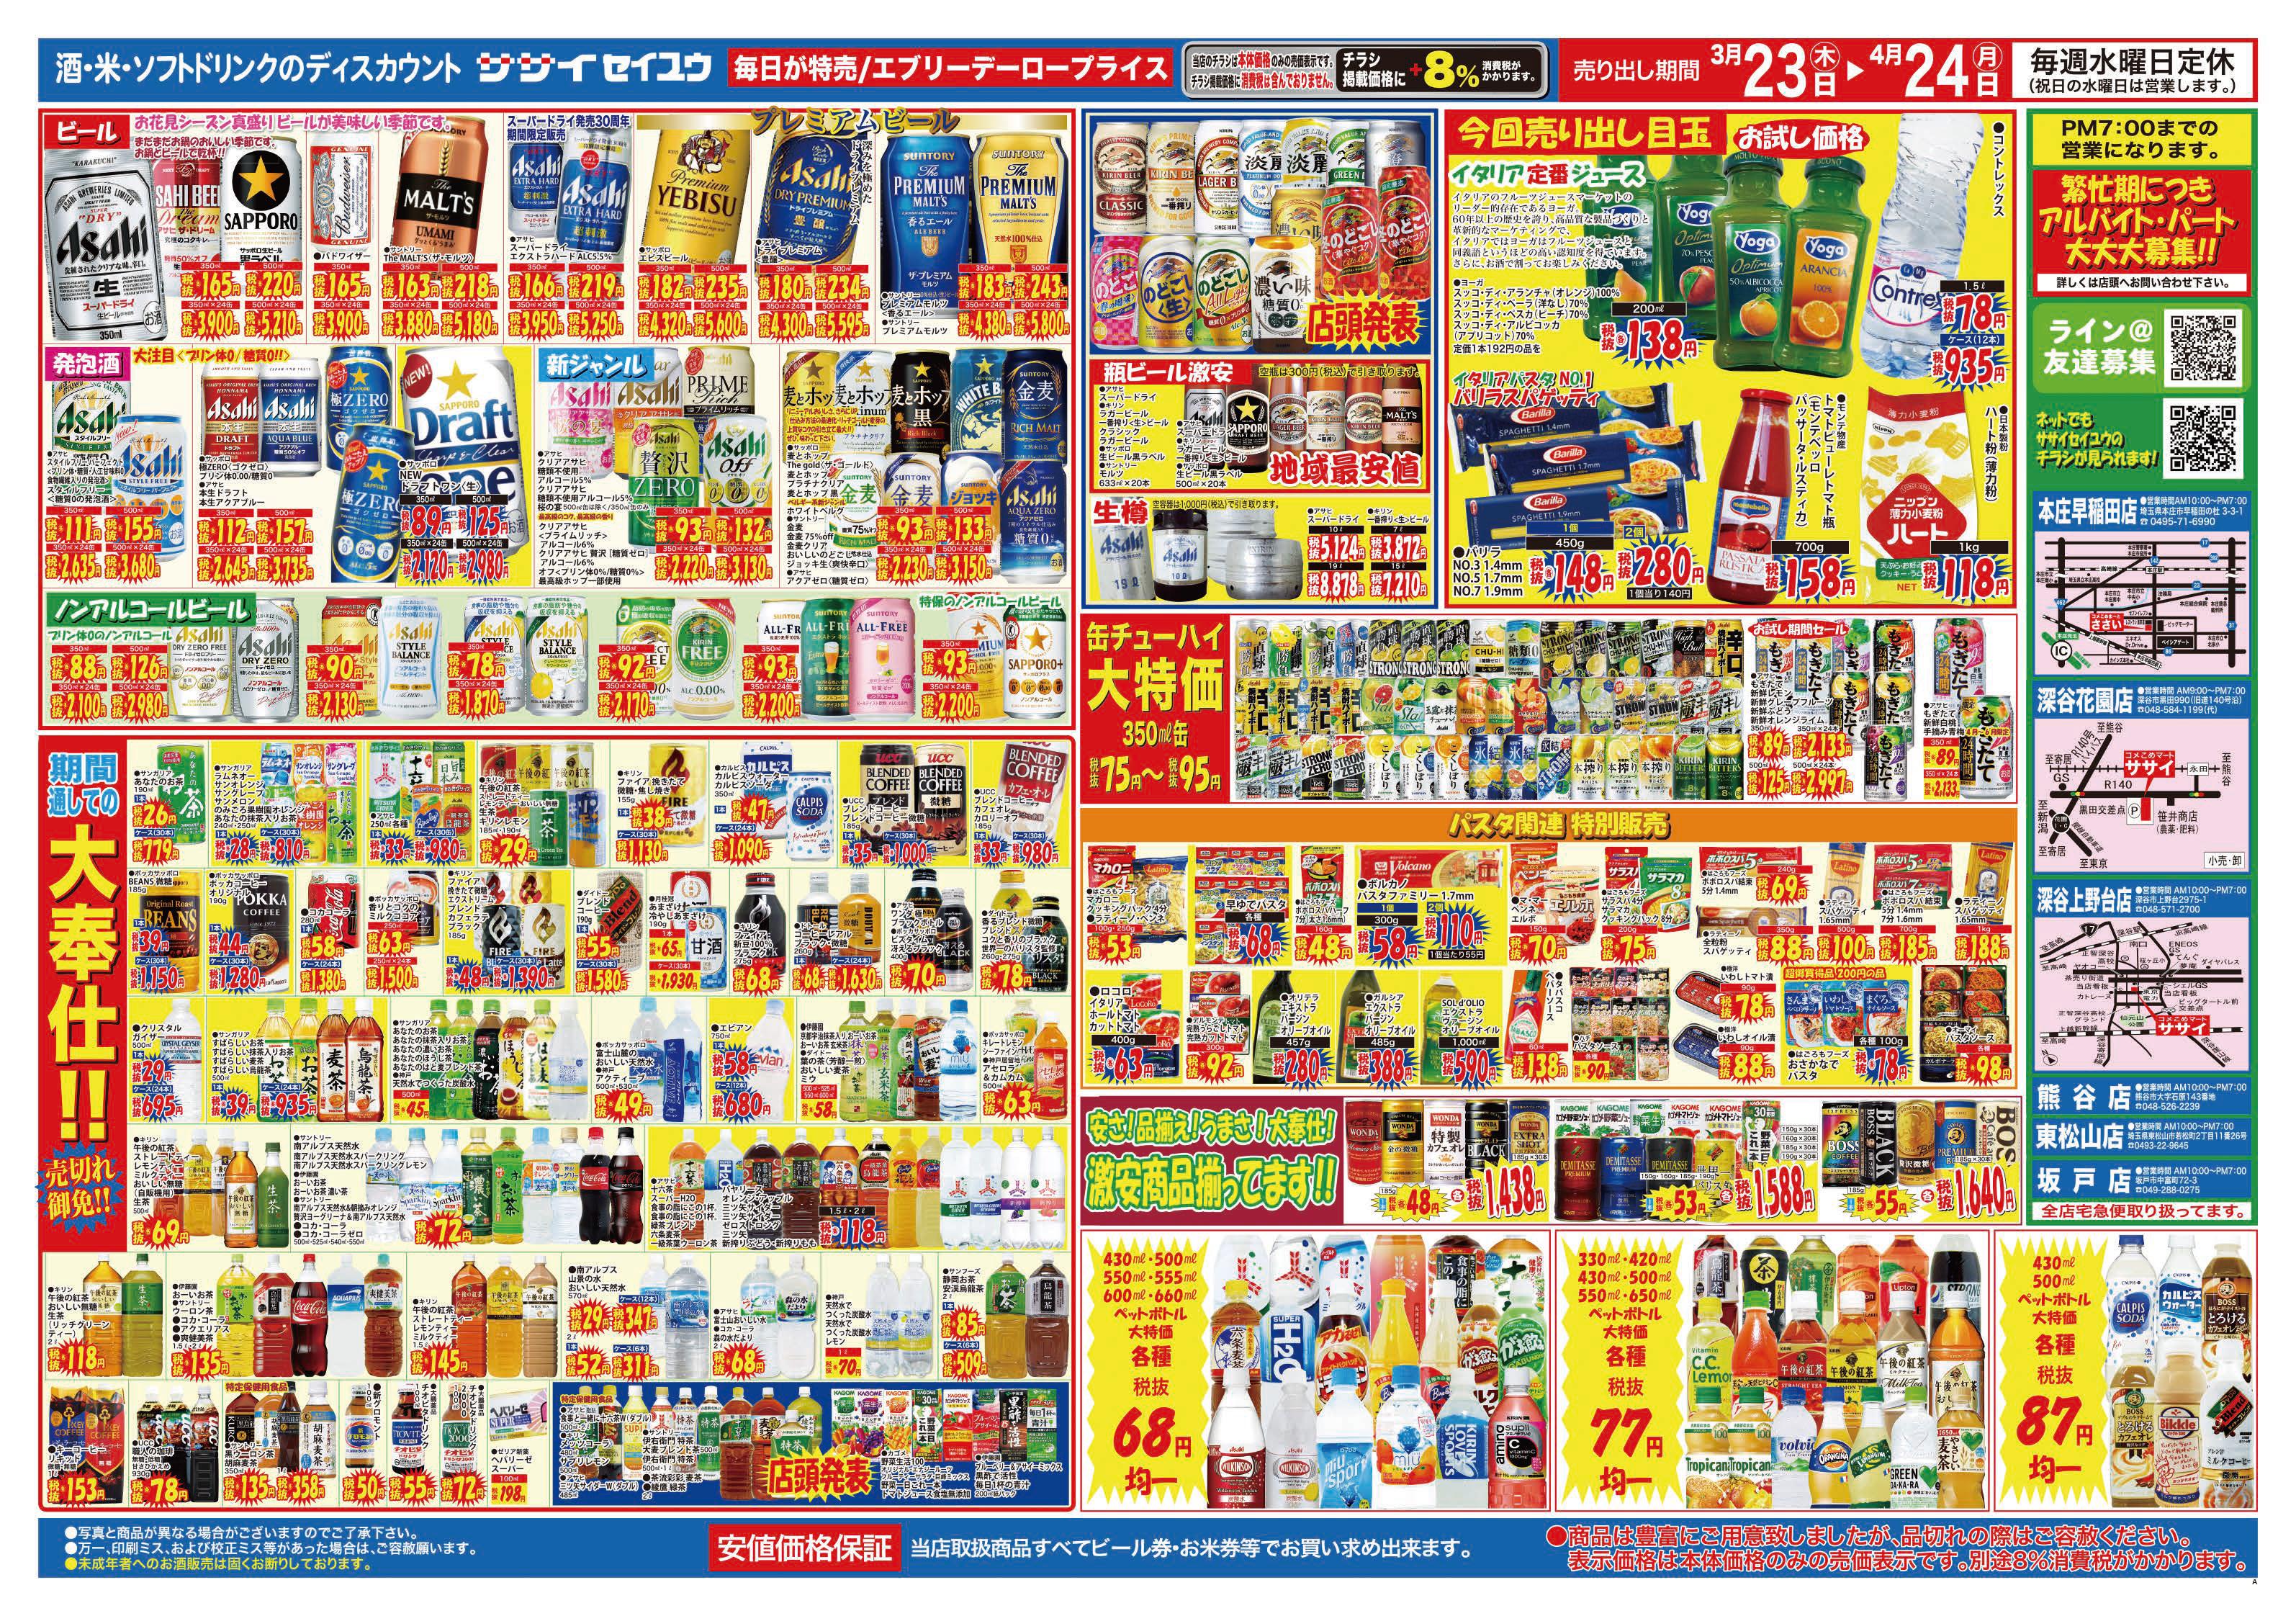 20170323笹井商店様表B3チラシ